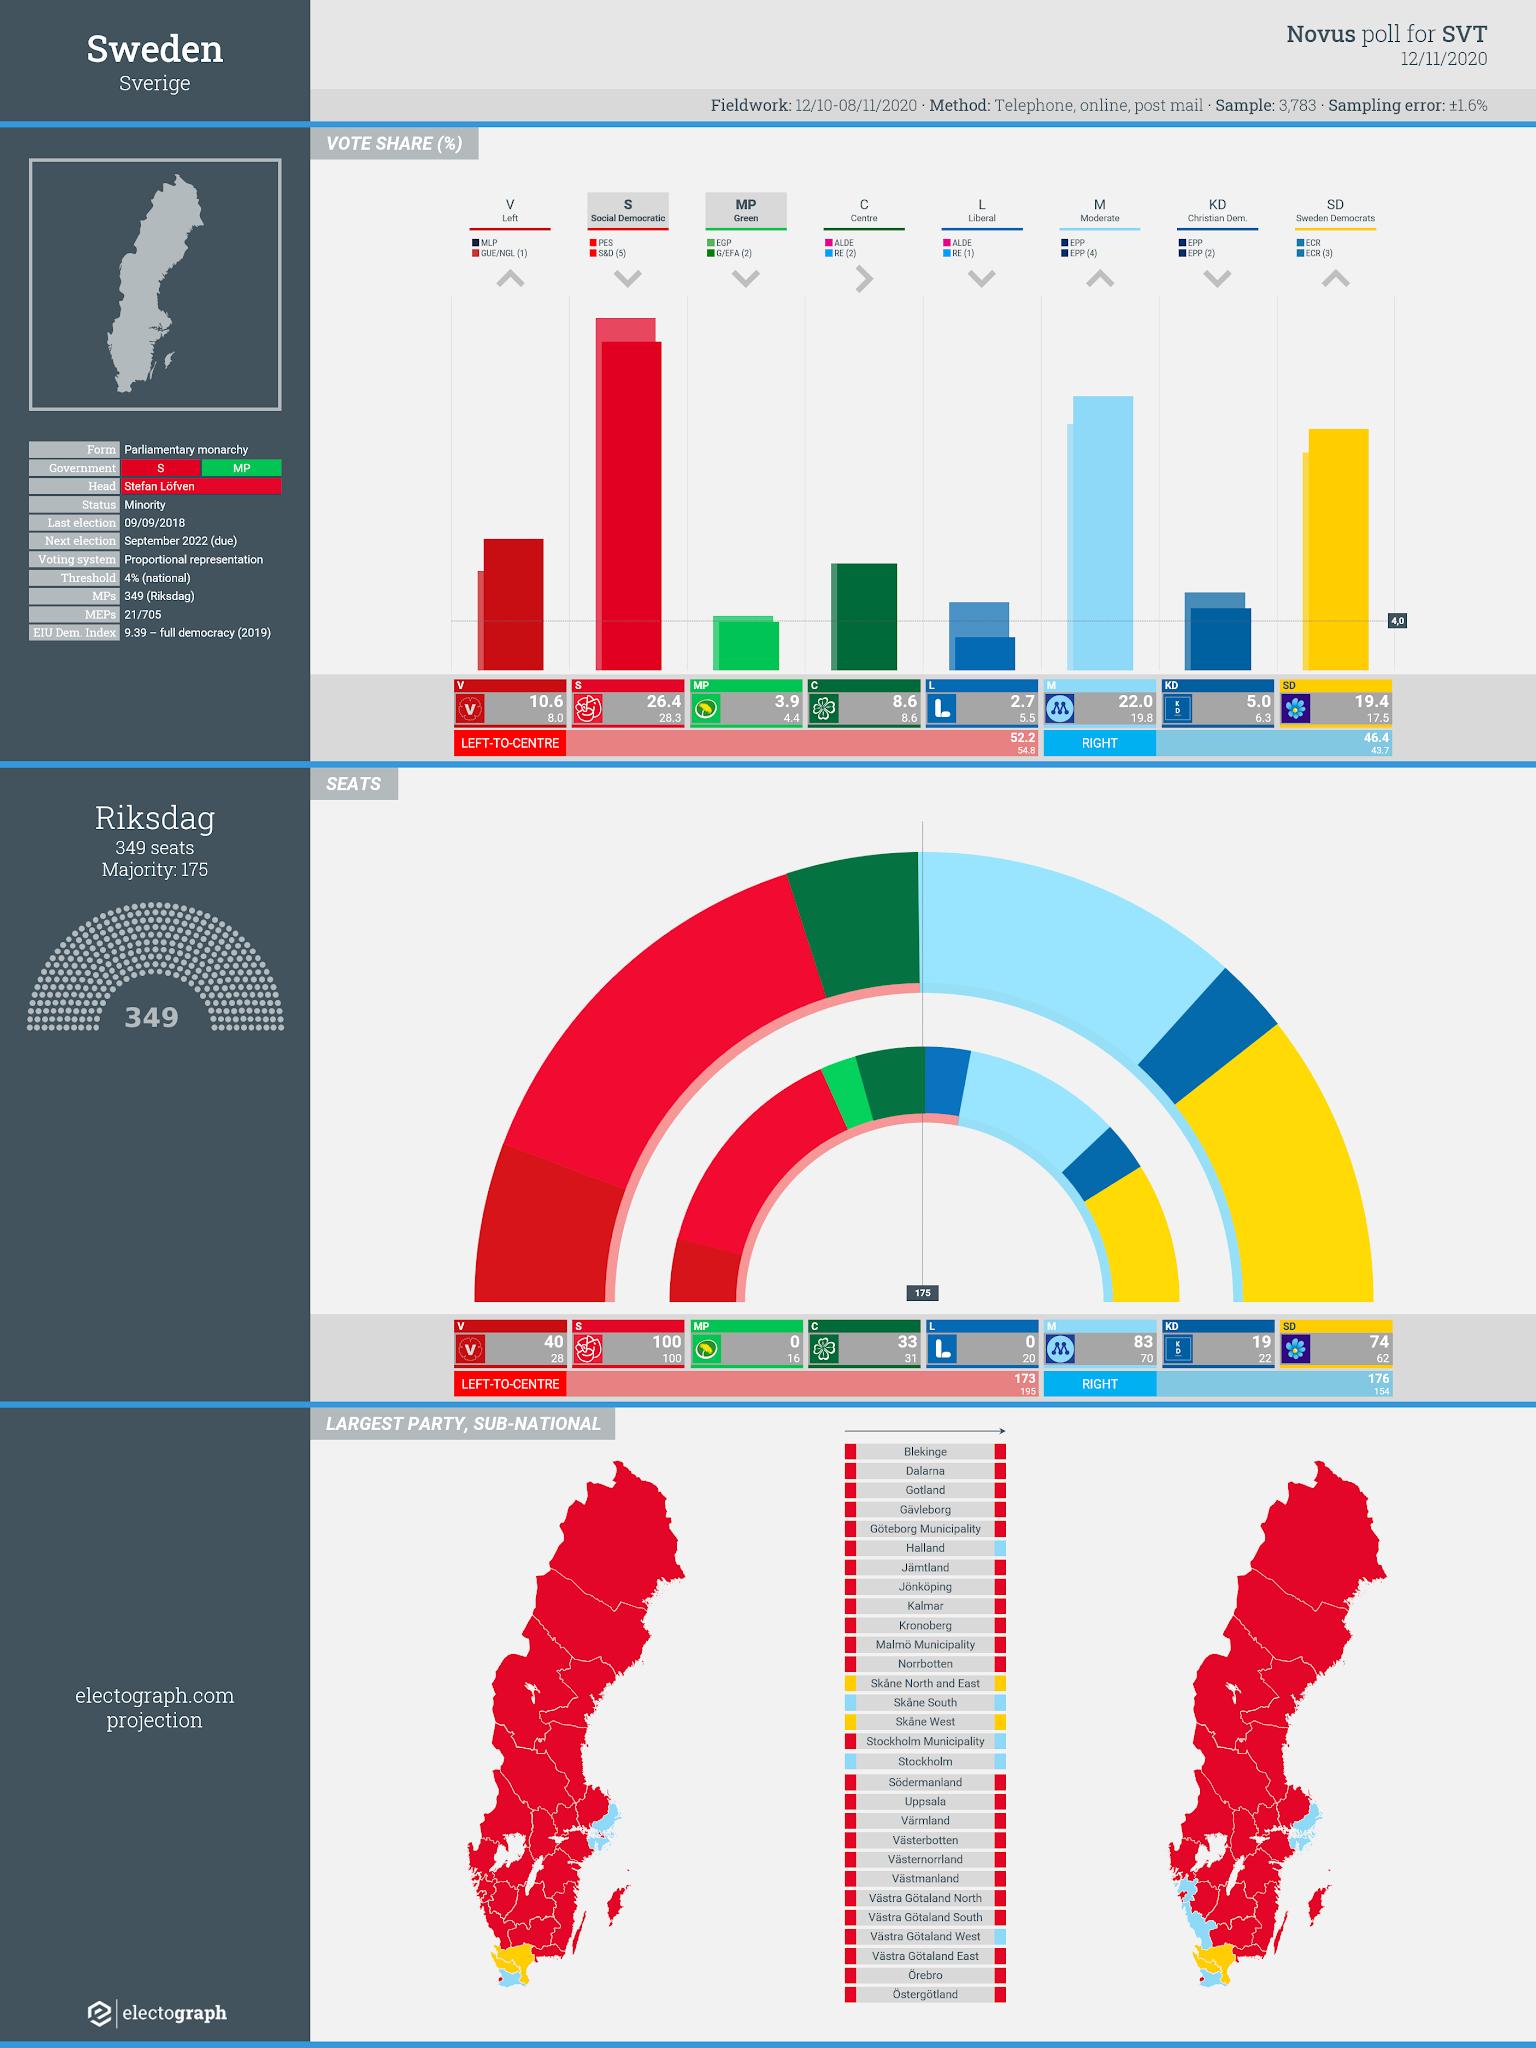 SWEDEN: Novus poll chart for SVT, 12 November 2020